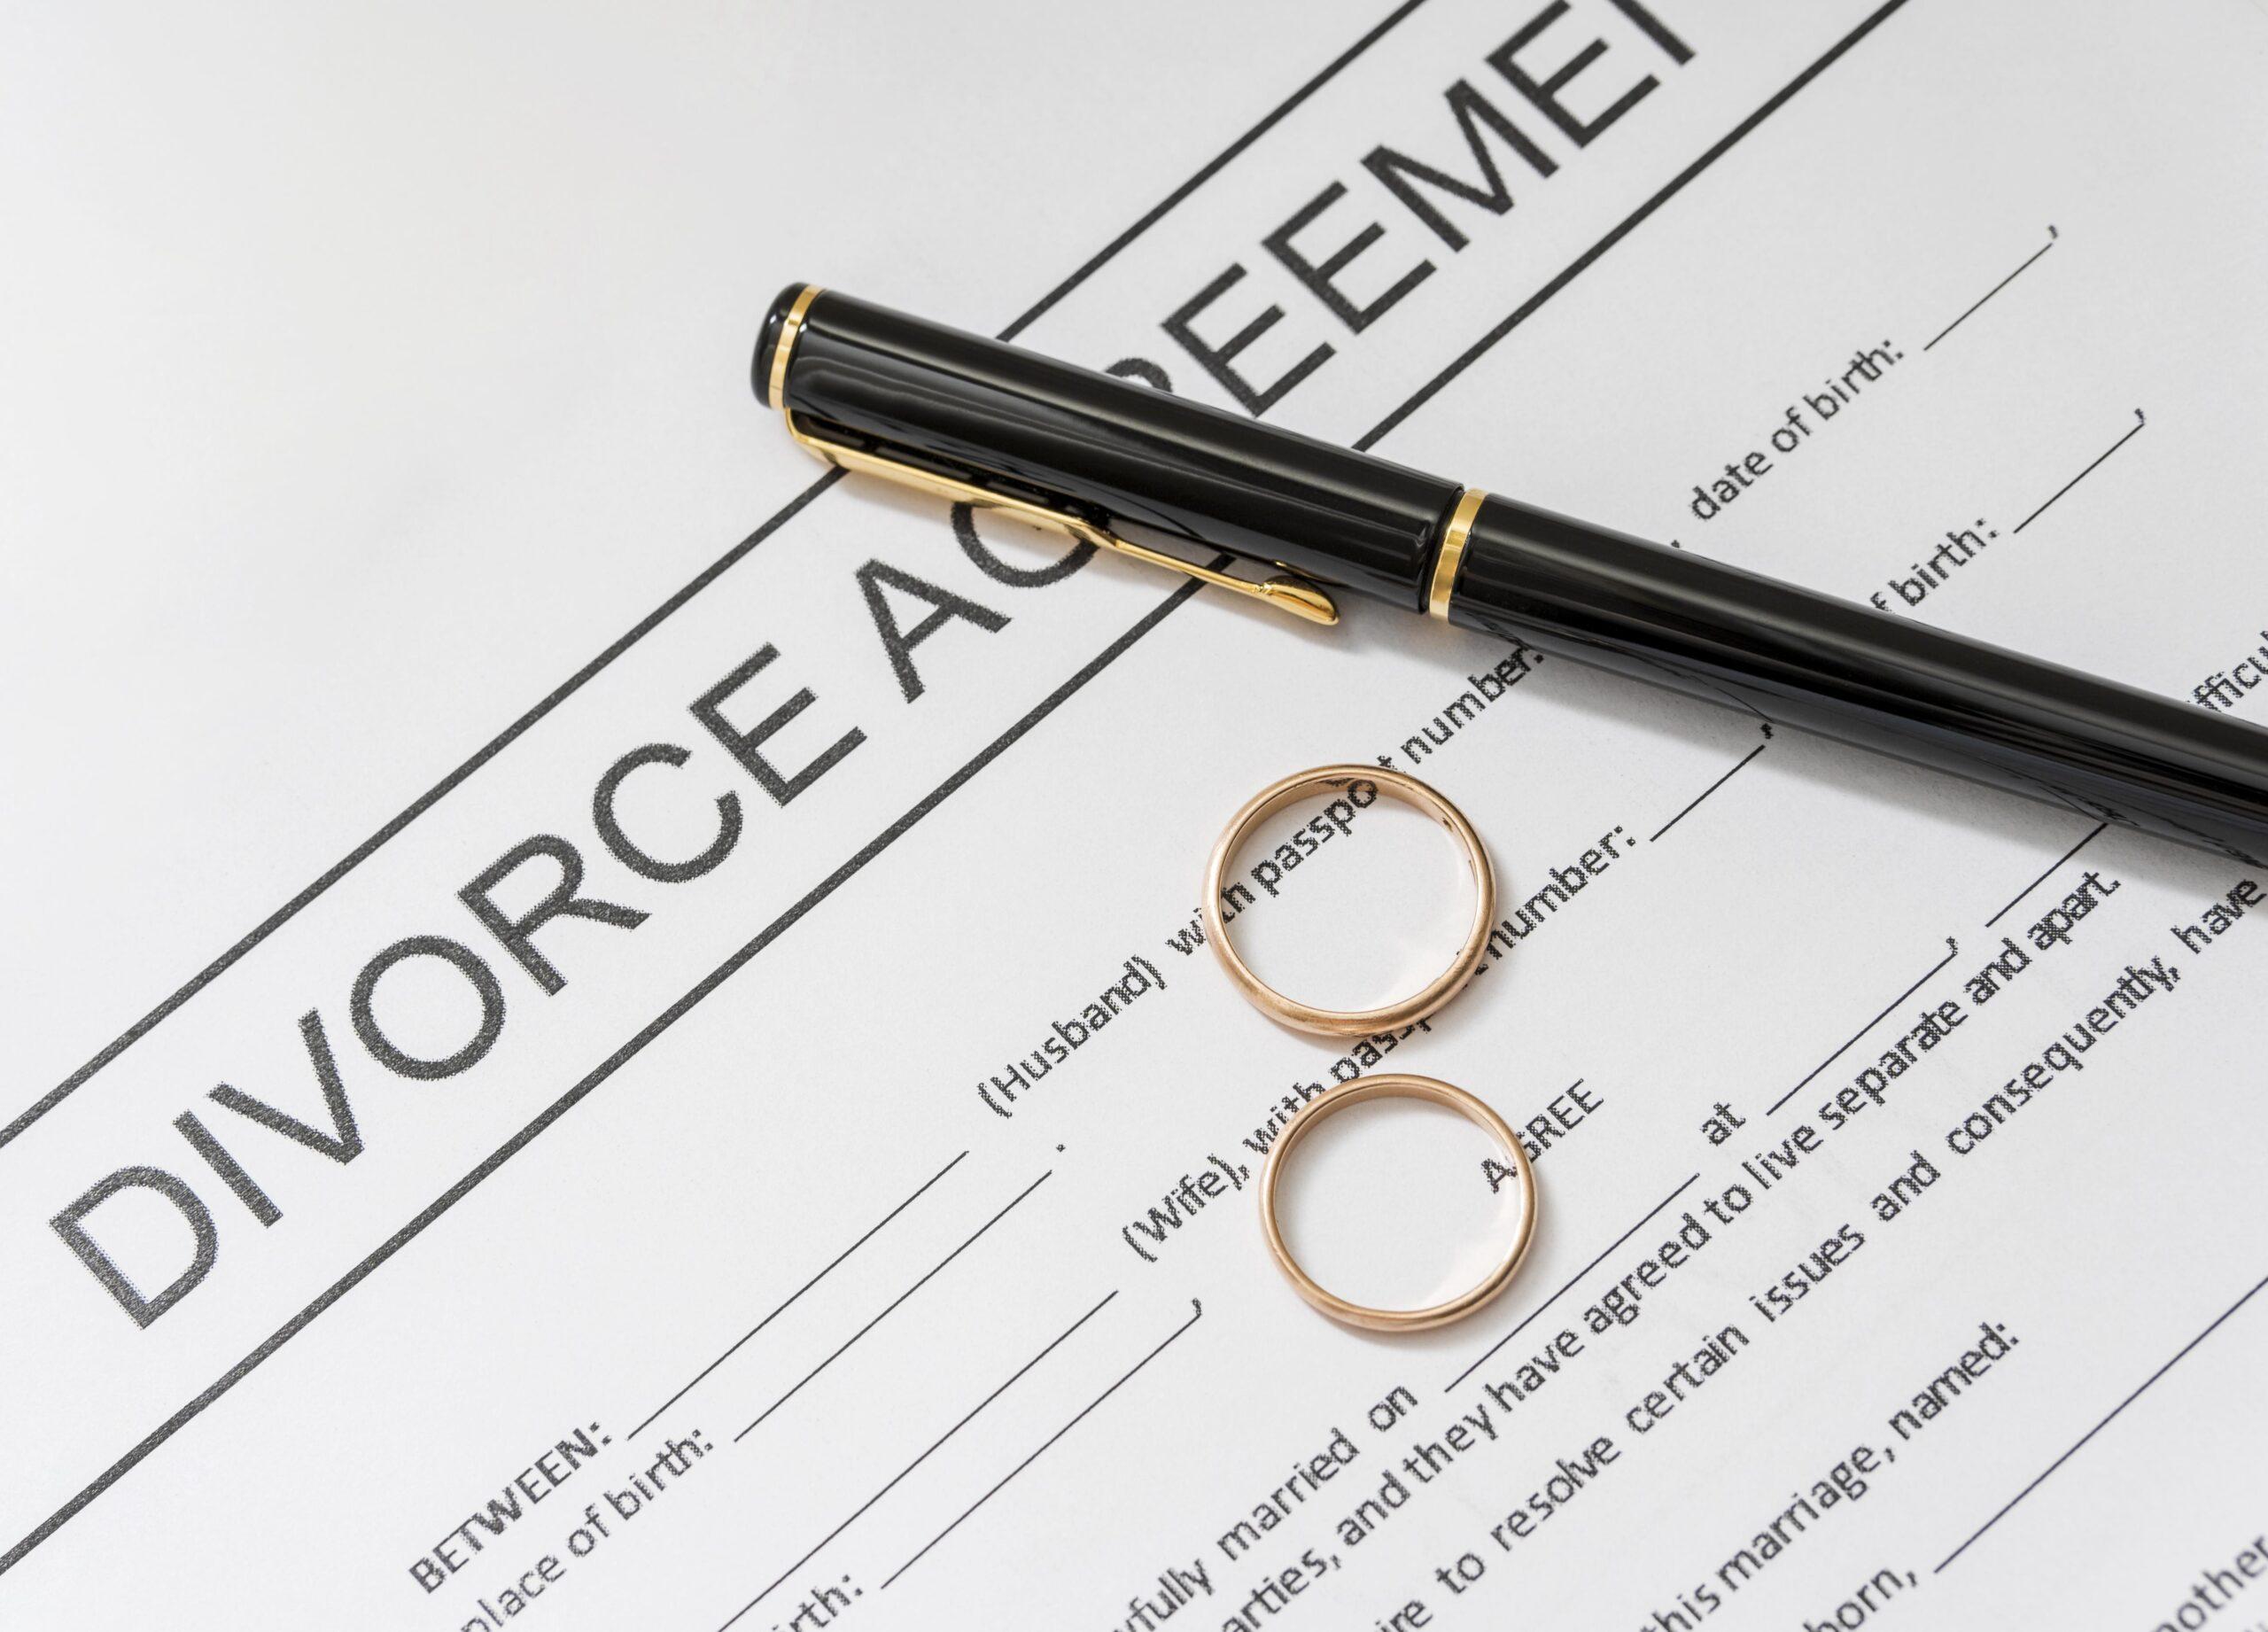 Как подать заявление на развод в одностороннем порядке